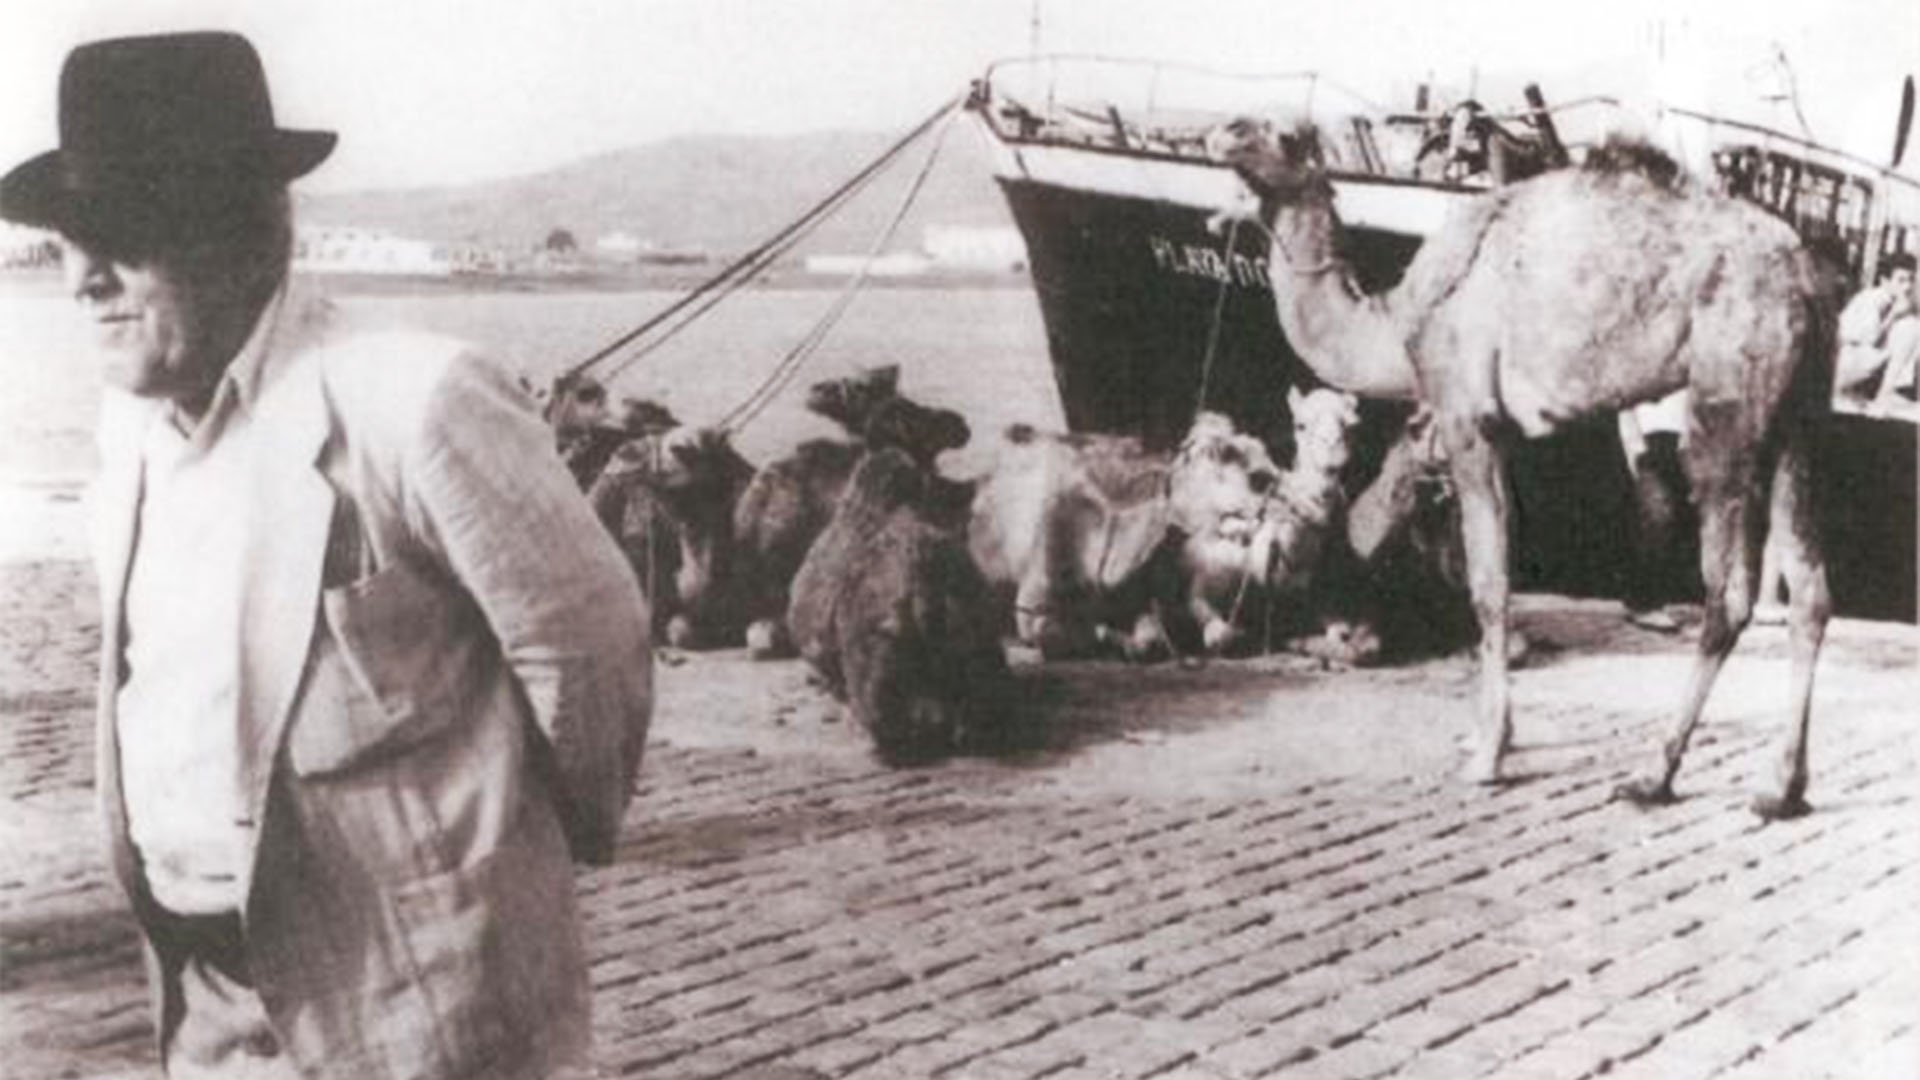 Die Mole von Gran Tarajal Fuertventura in historischen Aufnahmen - kein Jahr.